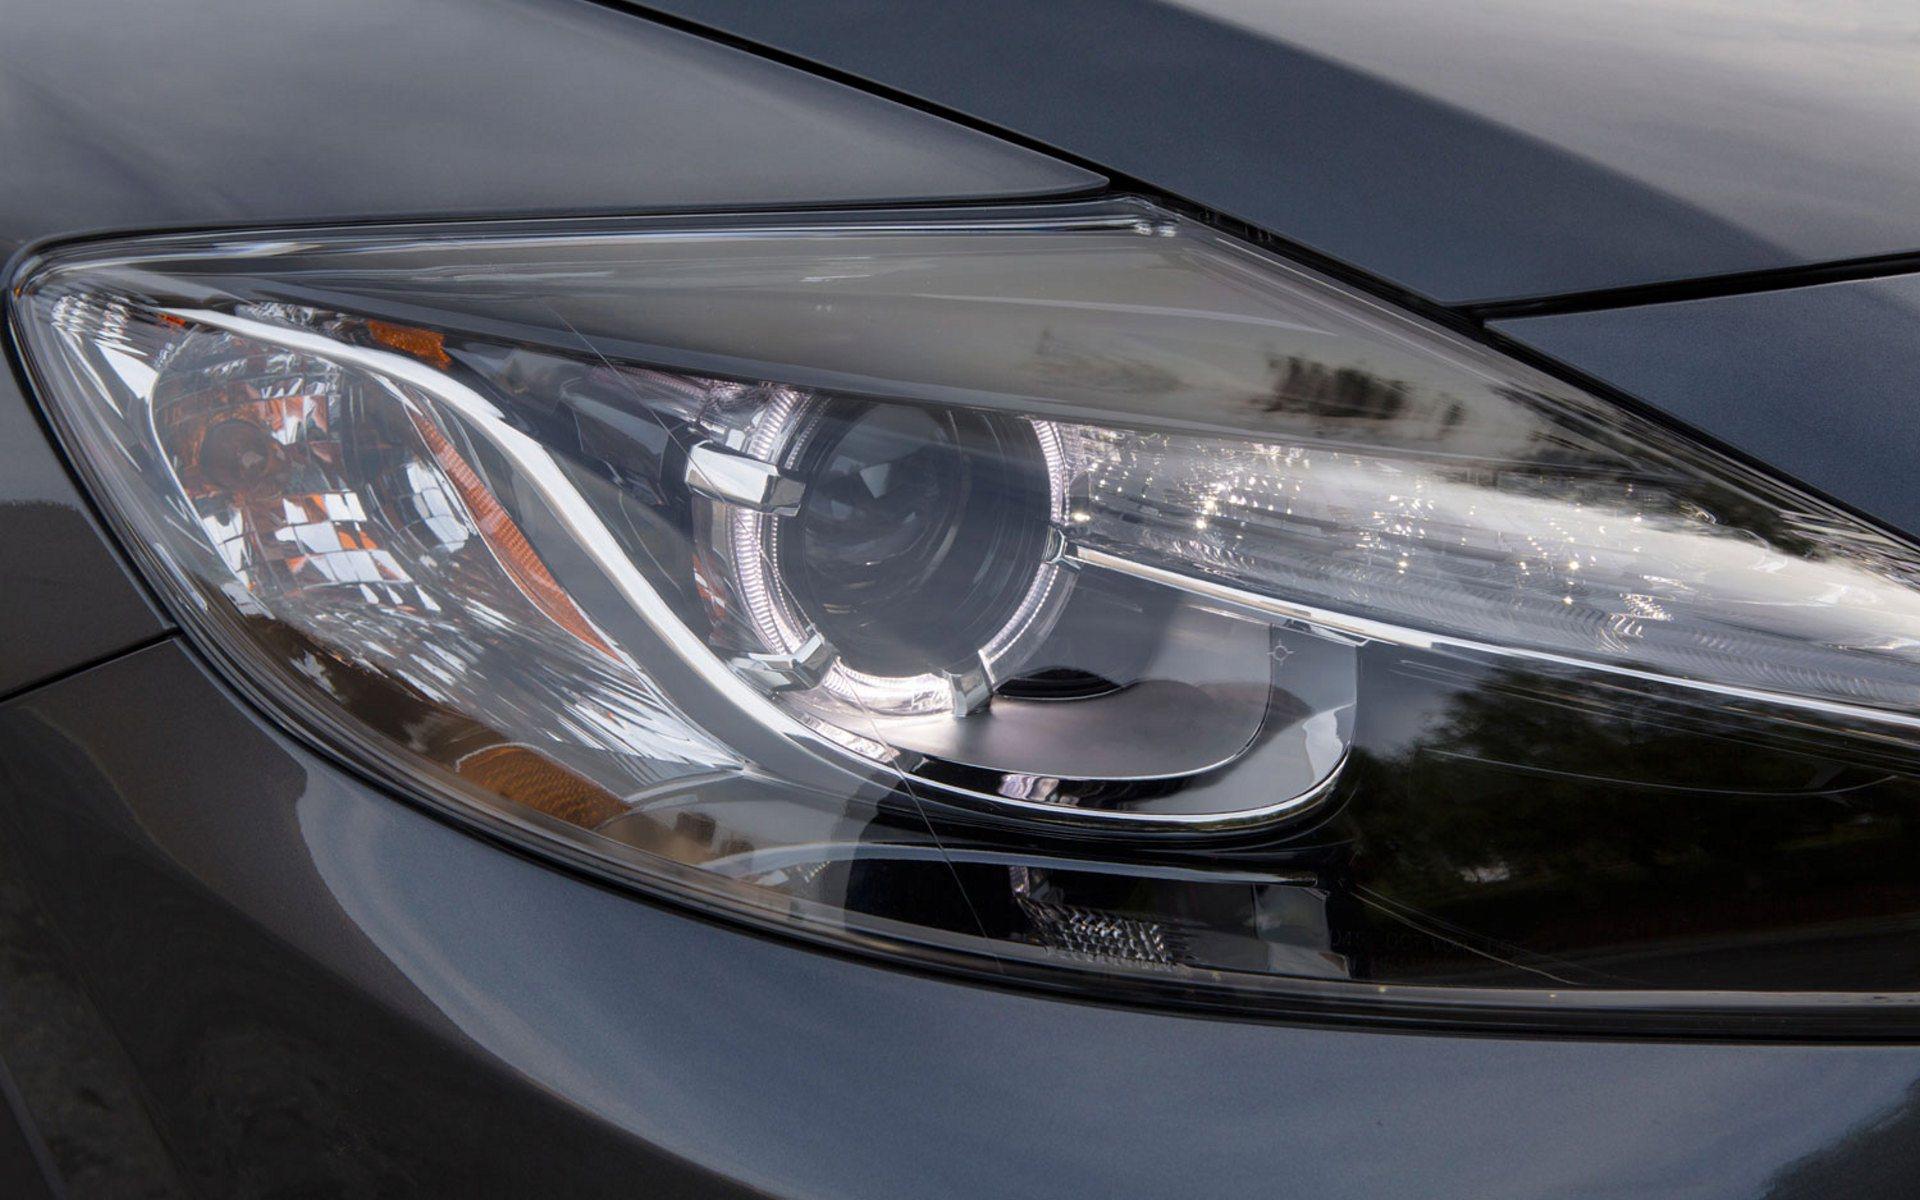 http://2.bp.blogspot.com/-AMJQW4TzkSs/UU66cqCli2I/AAAAAAAASuw/LJ5HEY-C8ho/s1920/2013-Mazda-CX-9-wallpaper-5.jpg